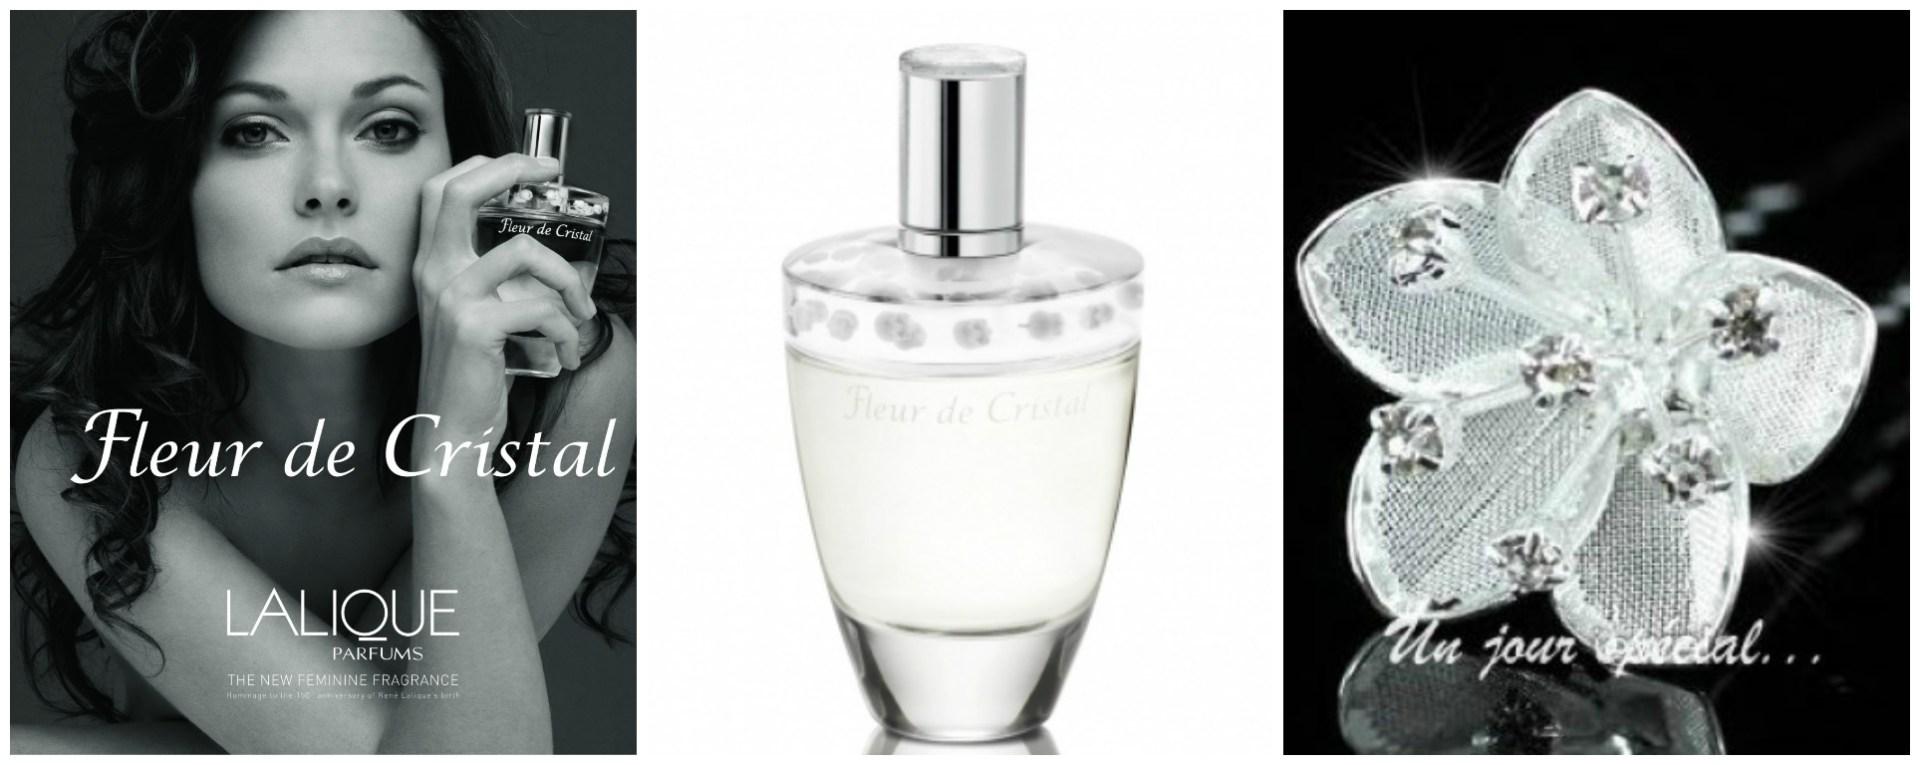 Lalique Fleur De Cristal Perfume Review by Scentbird